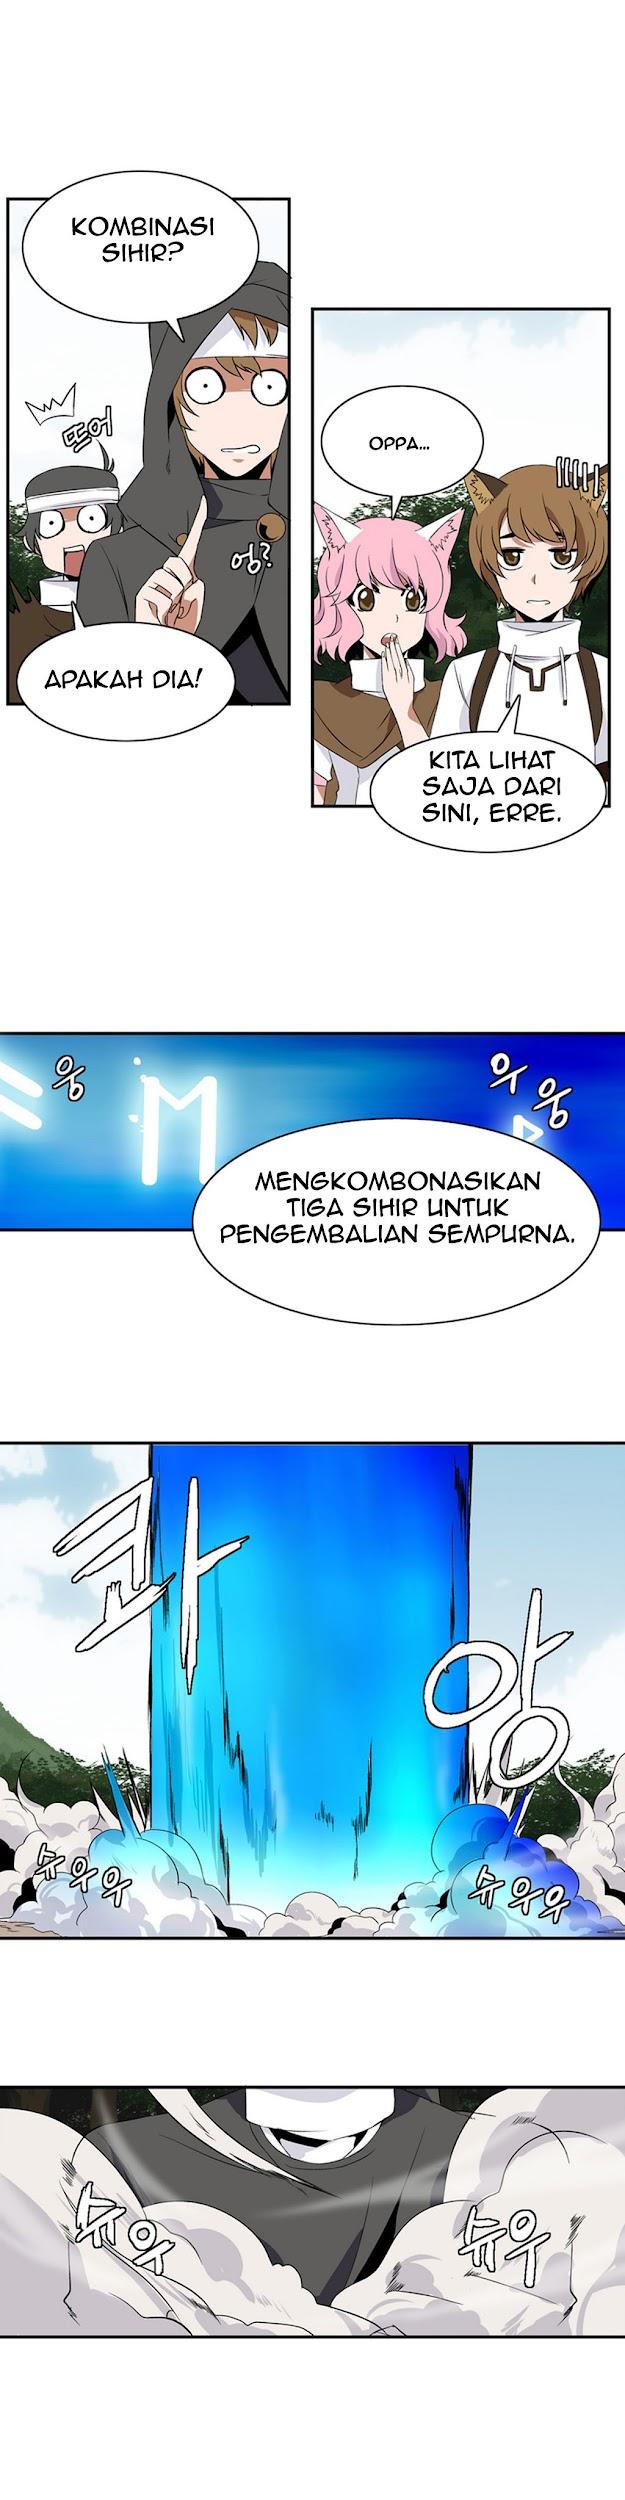 Dilarang COPAS - situs resmi www.mangacanblog.com - Komik wizardly tower 008 - chapter 8 9 Indonesia wizardly tower 008 - chapter 8 Terbaru 20|Baca Manga Komik Indonesia|Mangacan